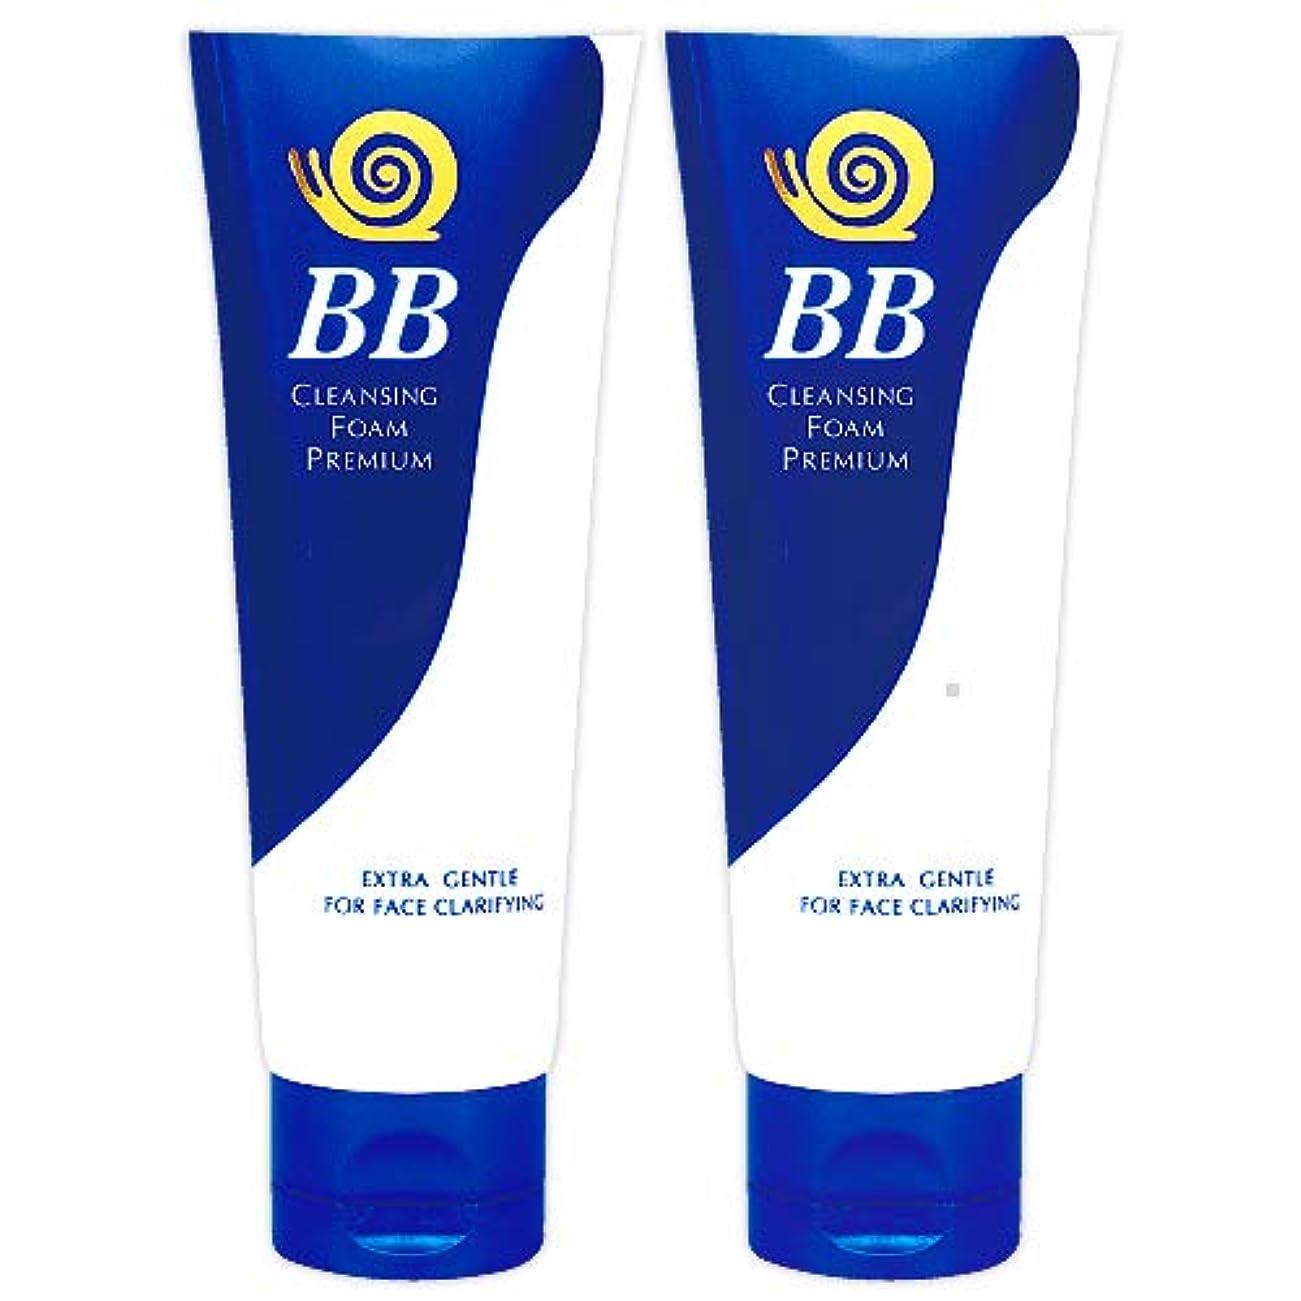 犬路地タイムリーなB&S 極上 かたつむり BB 洗顔フォーム (プレミアム) 100g 2個 セット [並行輸入品]